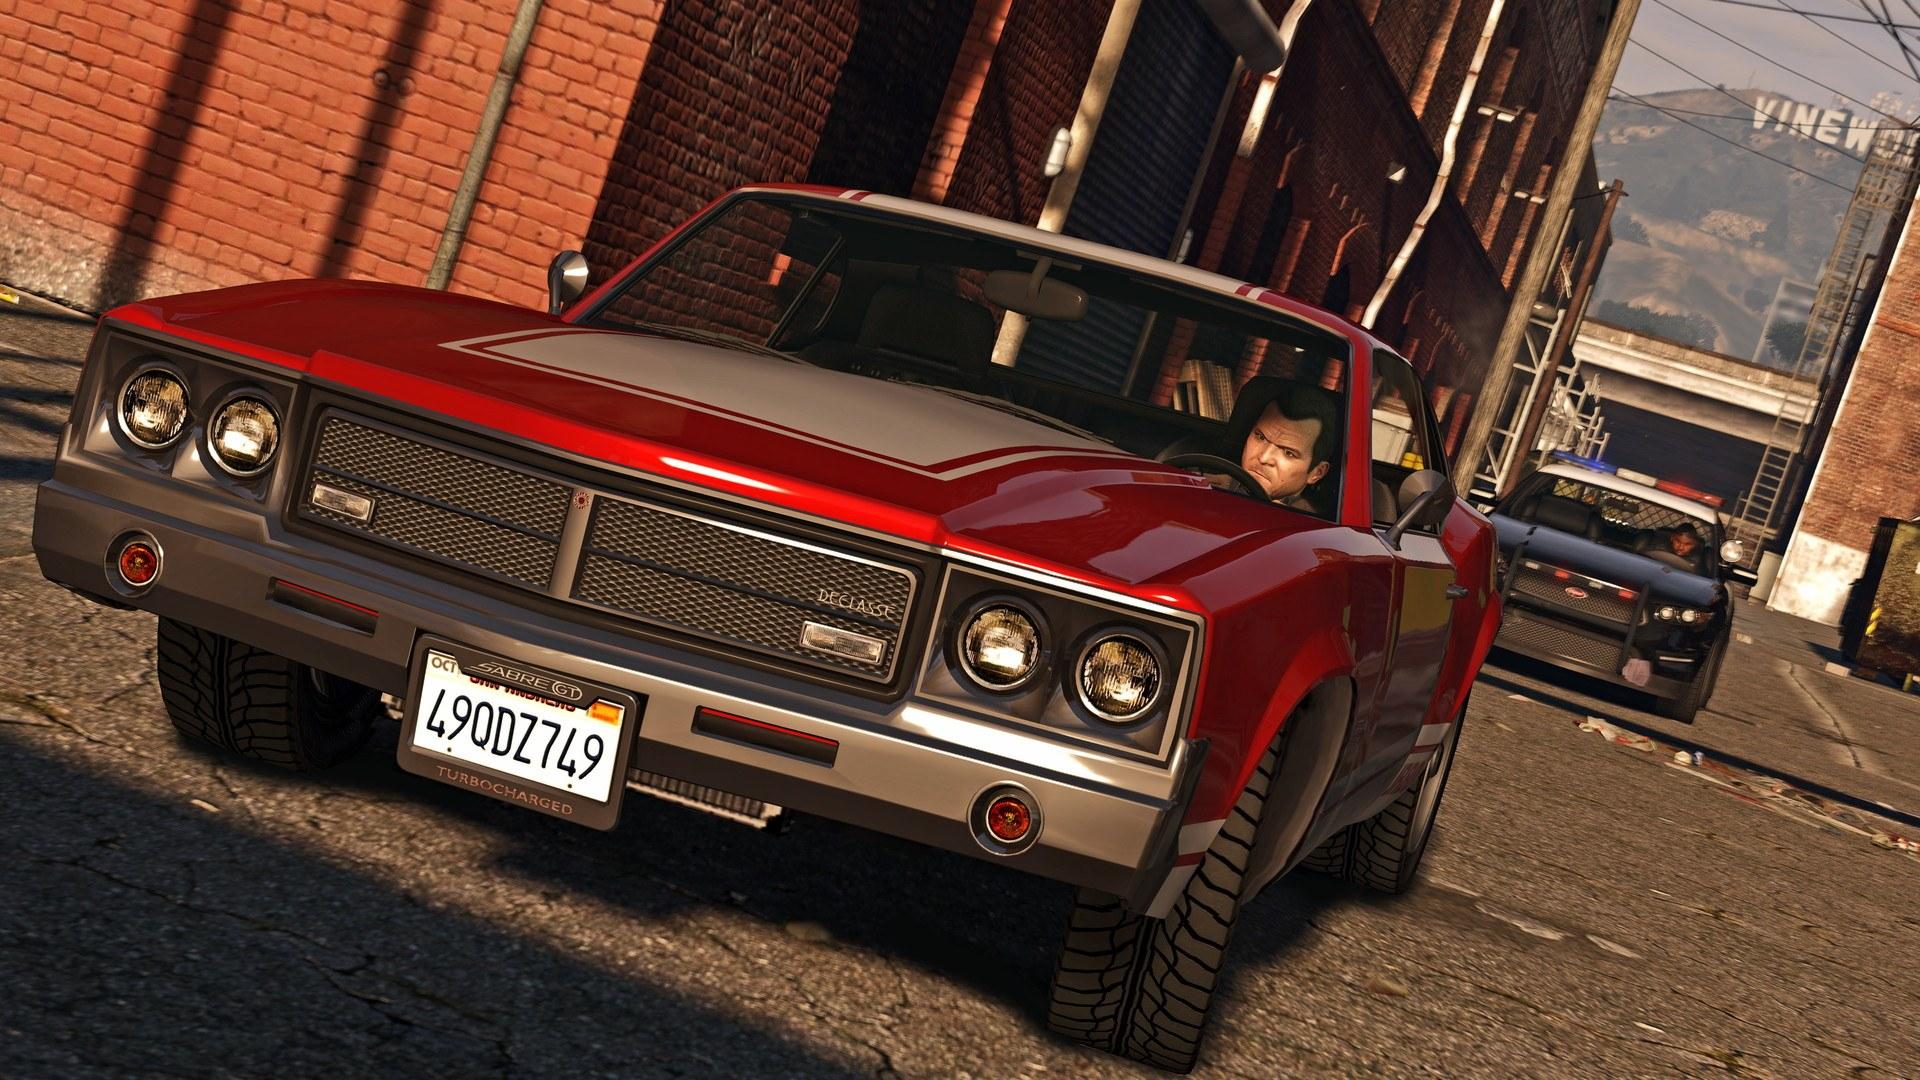 Grand Theft Auto V image #3